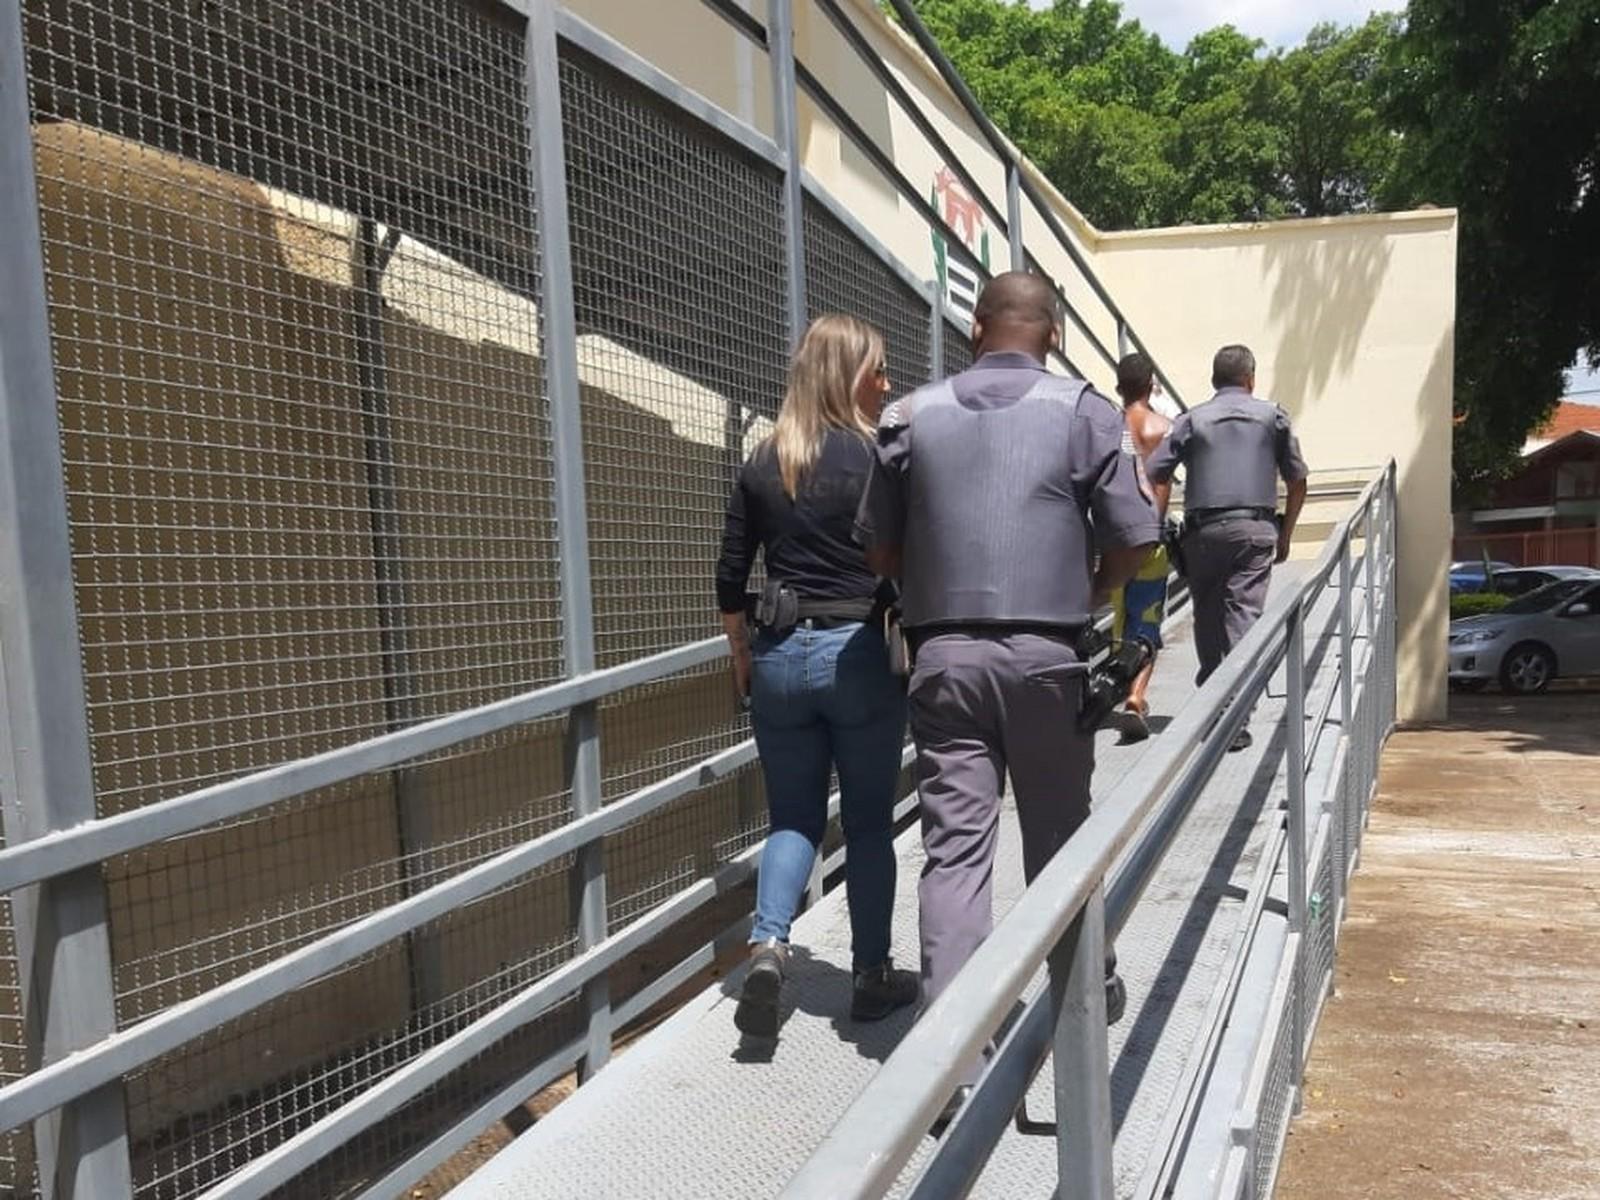 Adolescente é apreendido suspeito de agredir mãe diversas vezes em Garça — Foto: Polícia Civil/Divulgação